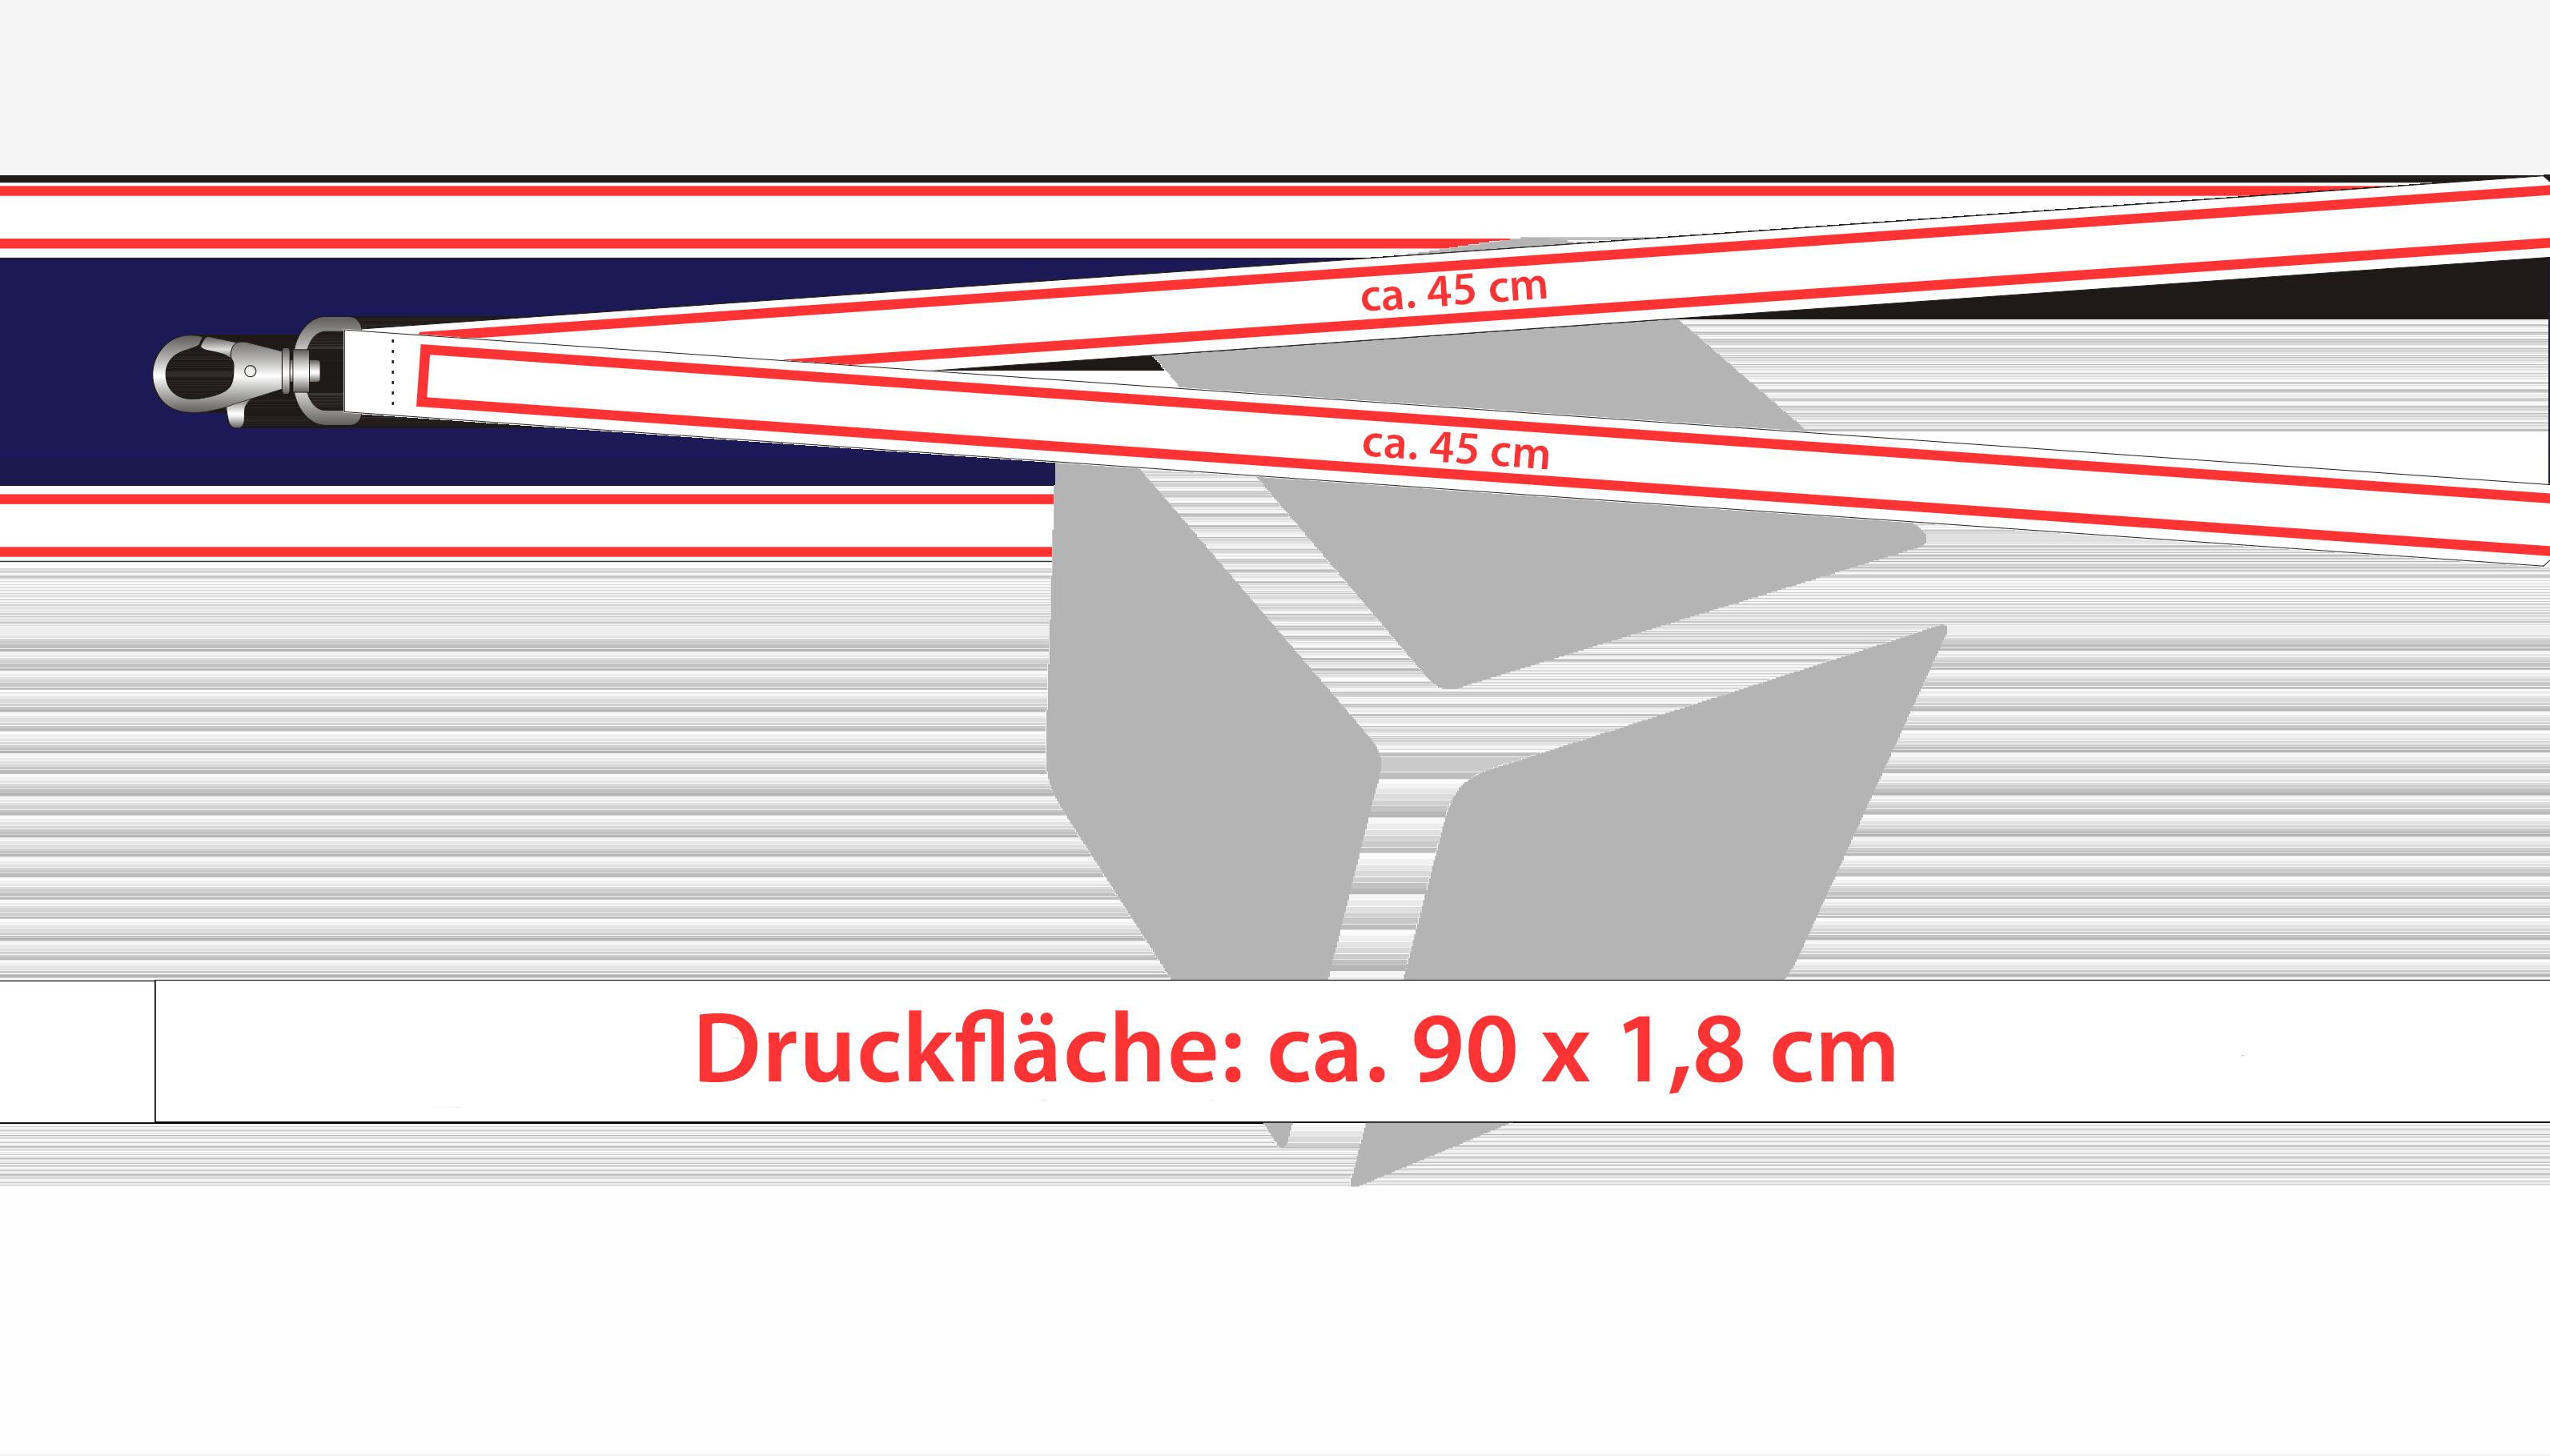 Druckflaeche-20mm-lanyard-budget577668b9ab90b